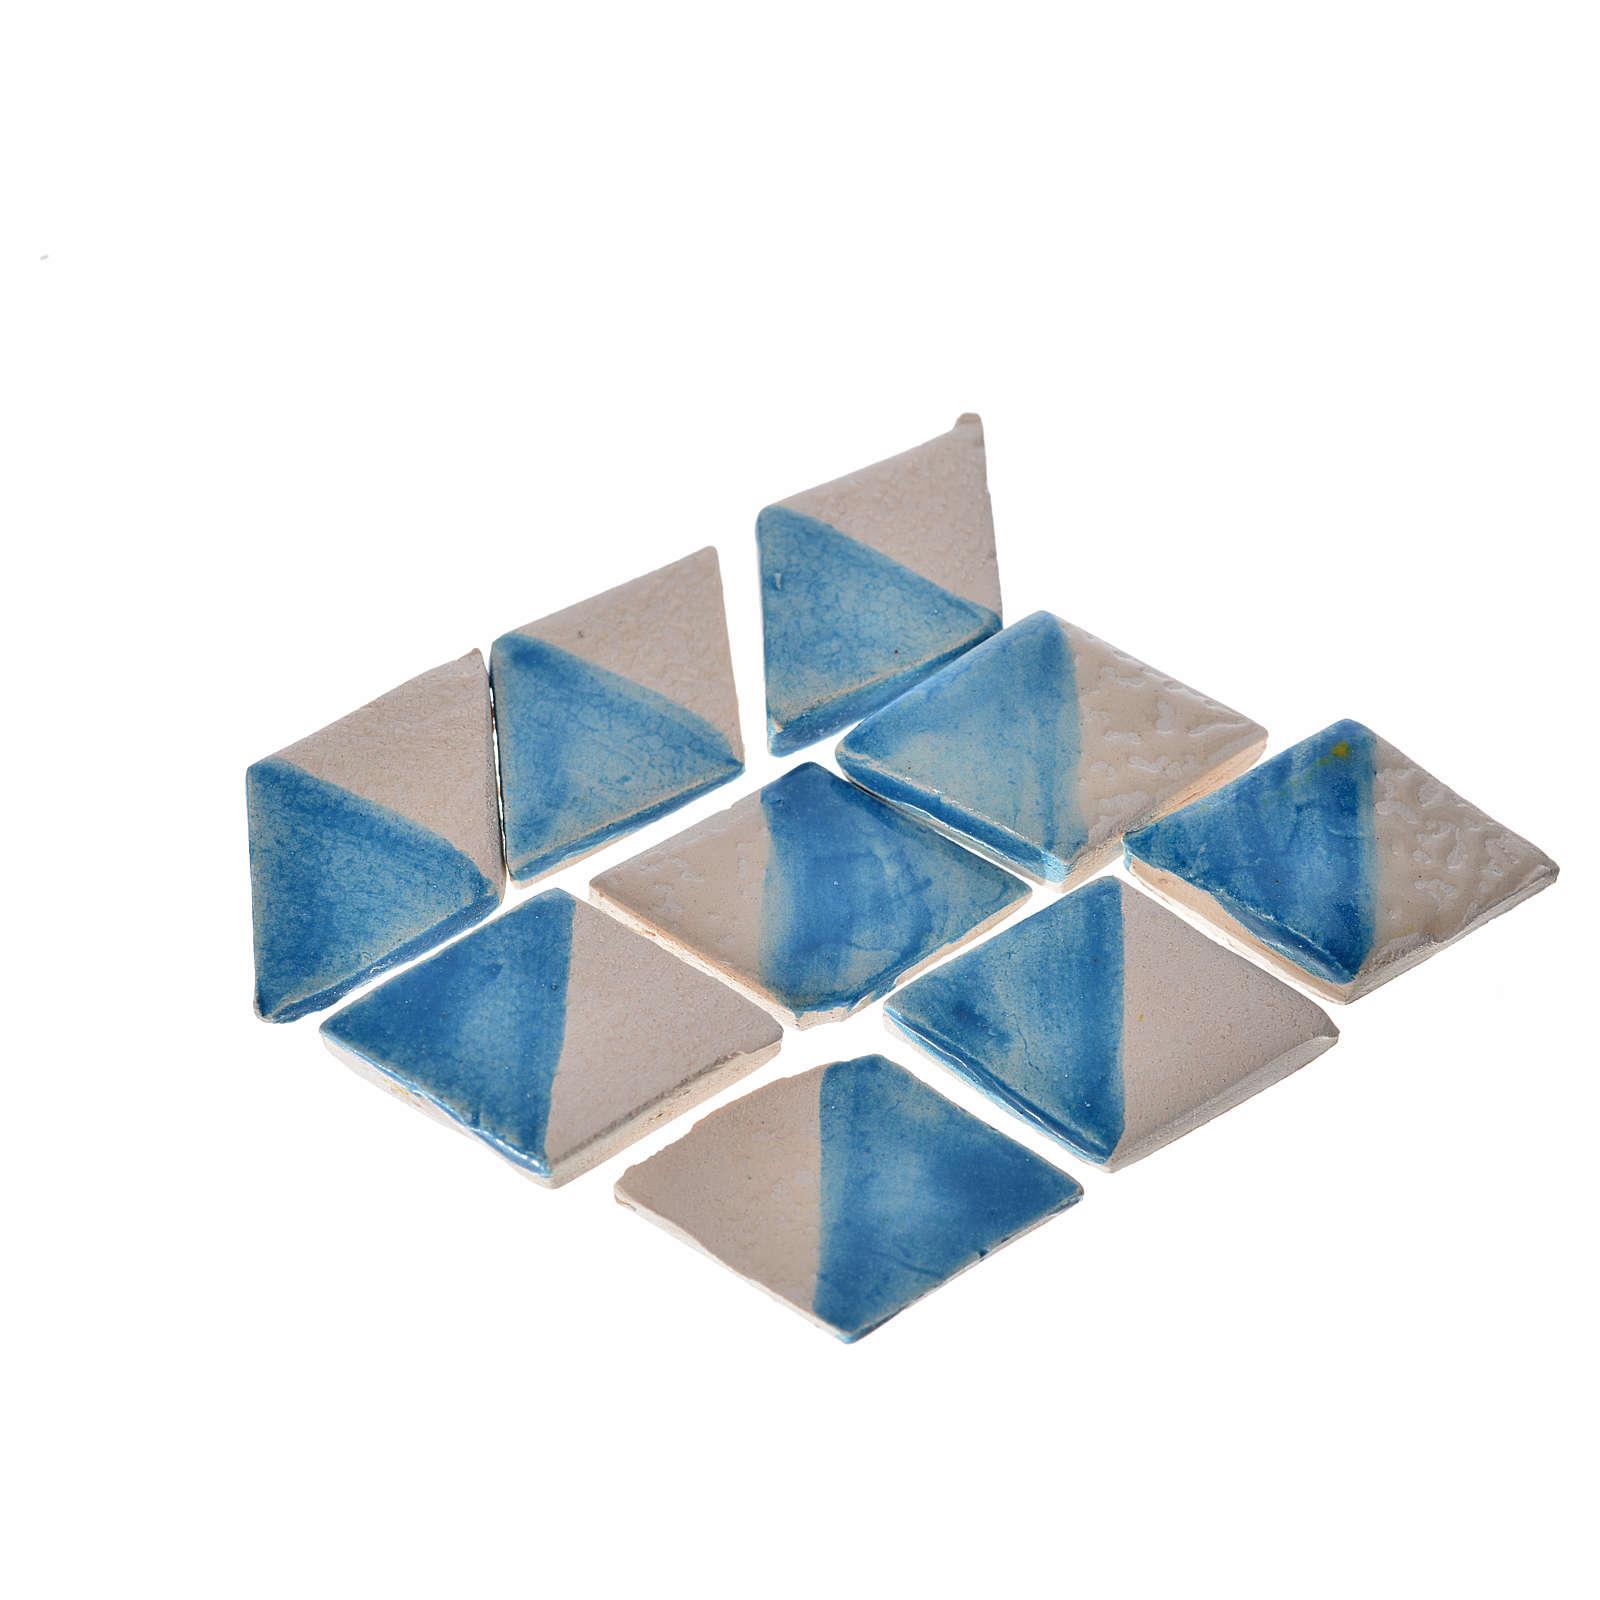 Carrelages mini-rhombes crèche 60 pcs terre cuite émaillée bleue 4